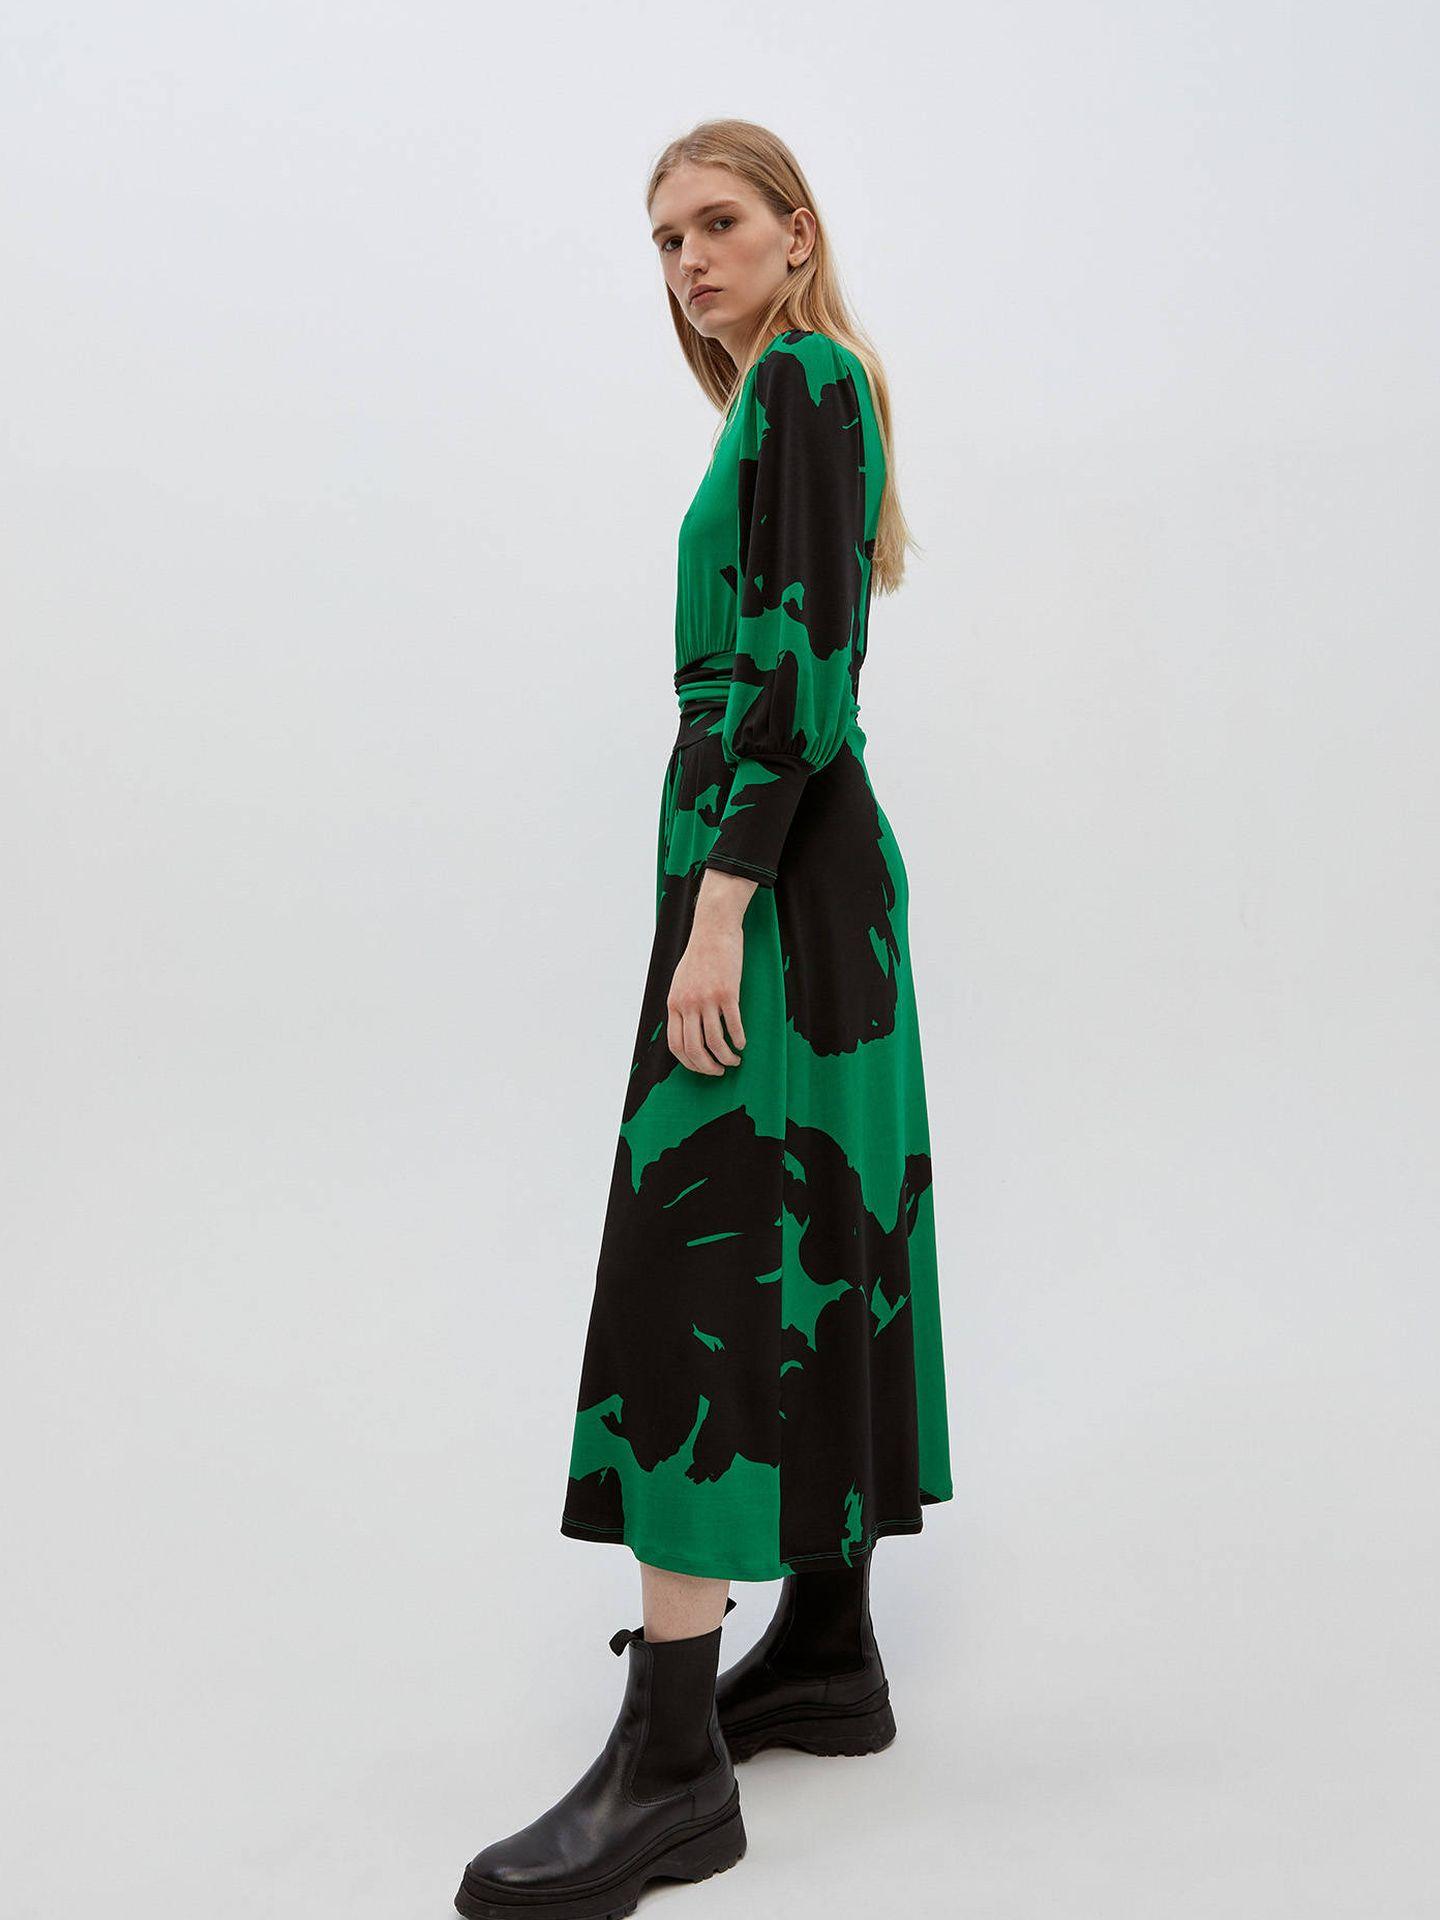 El vestido de Sfera cuesta 29,99 euros (Cortesía)